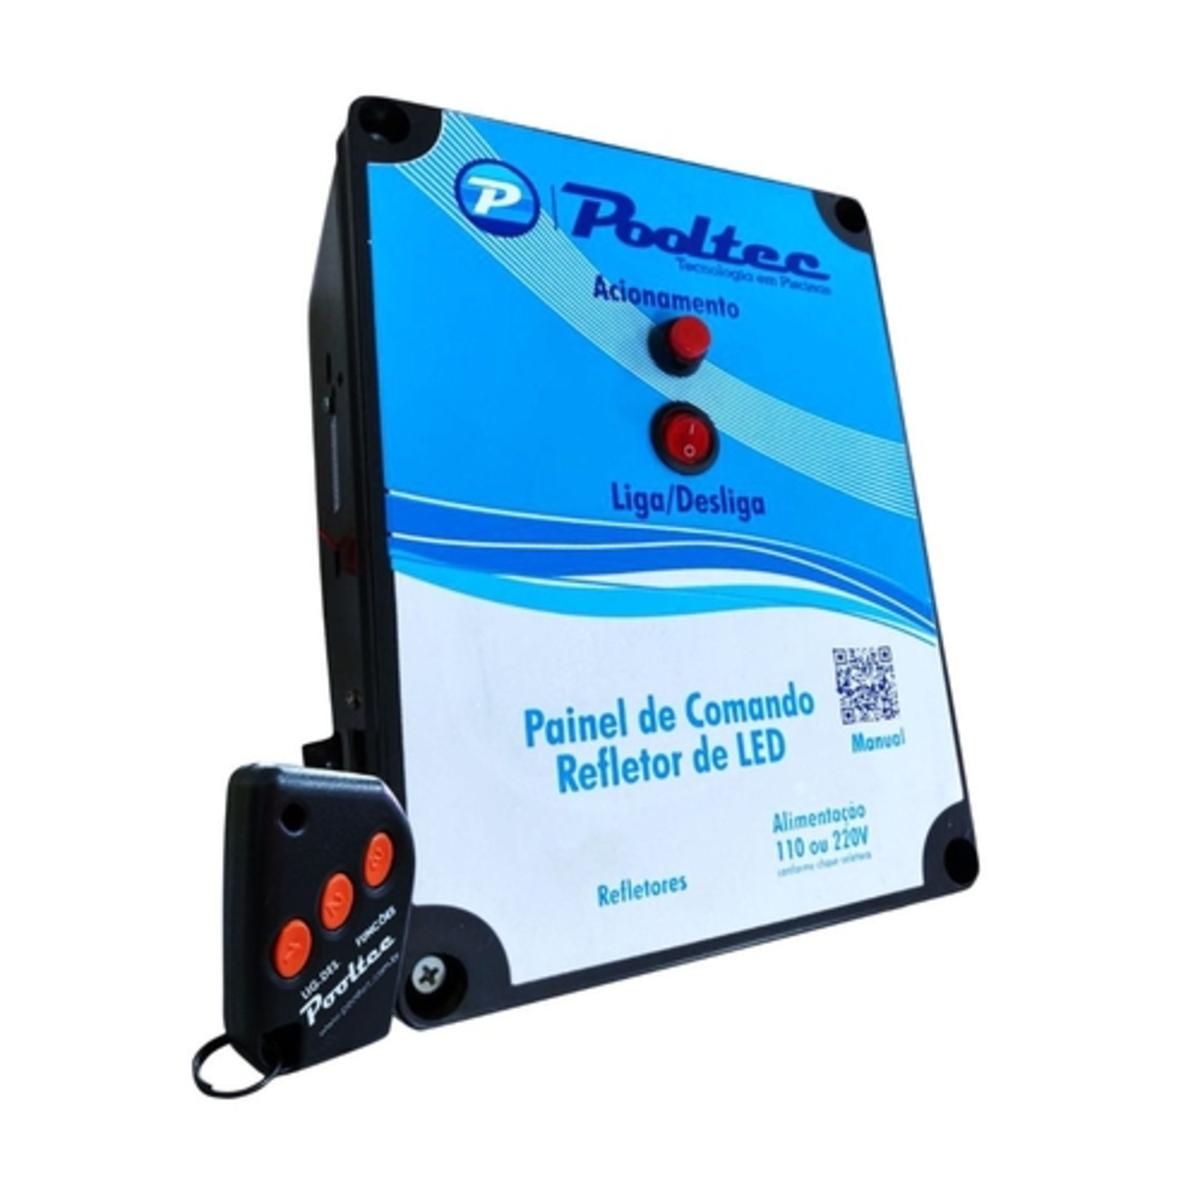 Comando para Leds Modelo A para Refletor de Piscina  Tensão 110 / 220 v automático pooltec